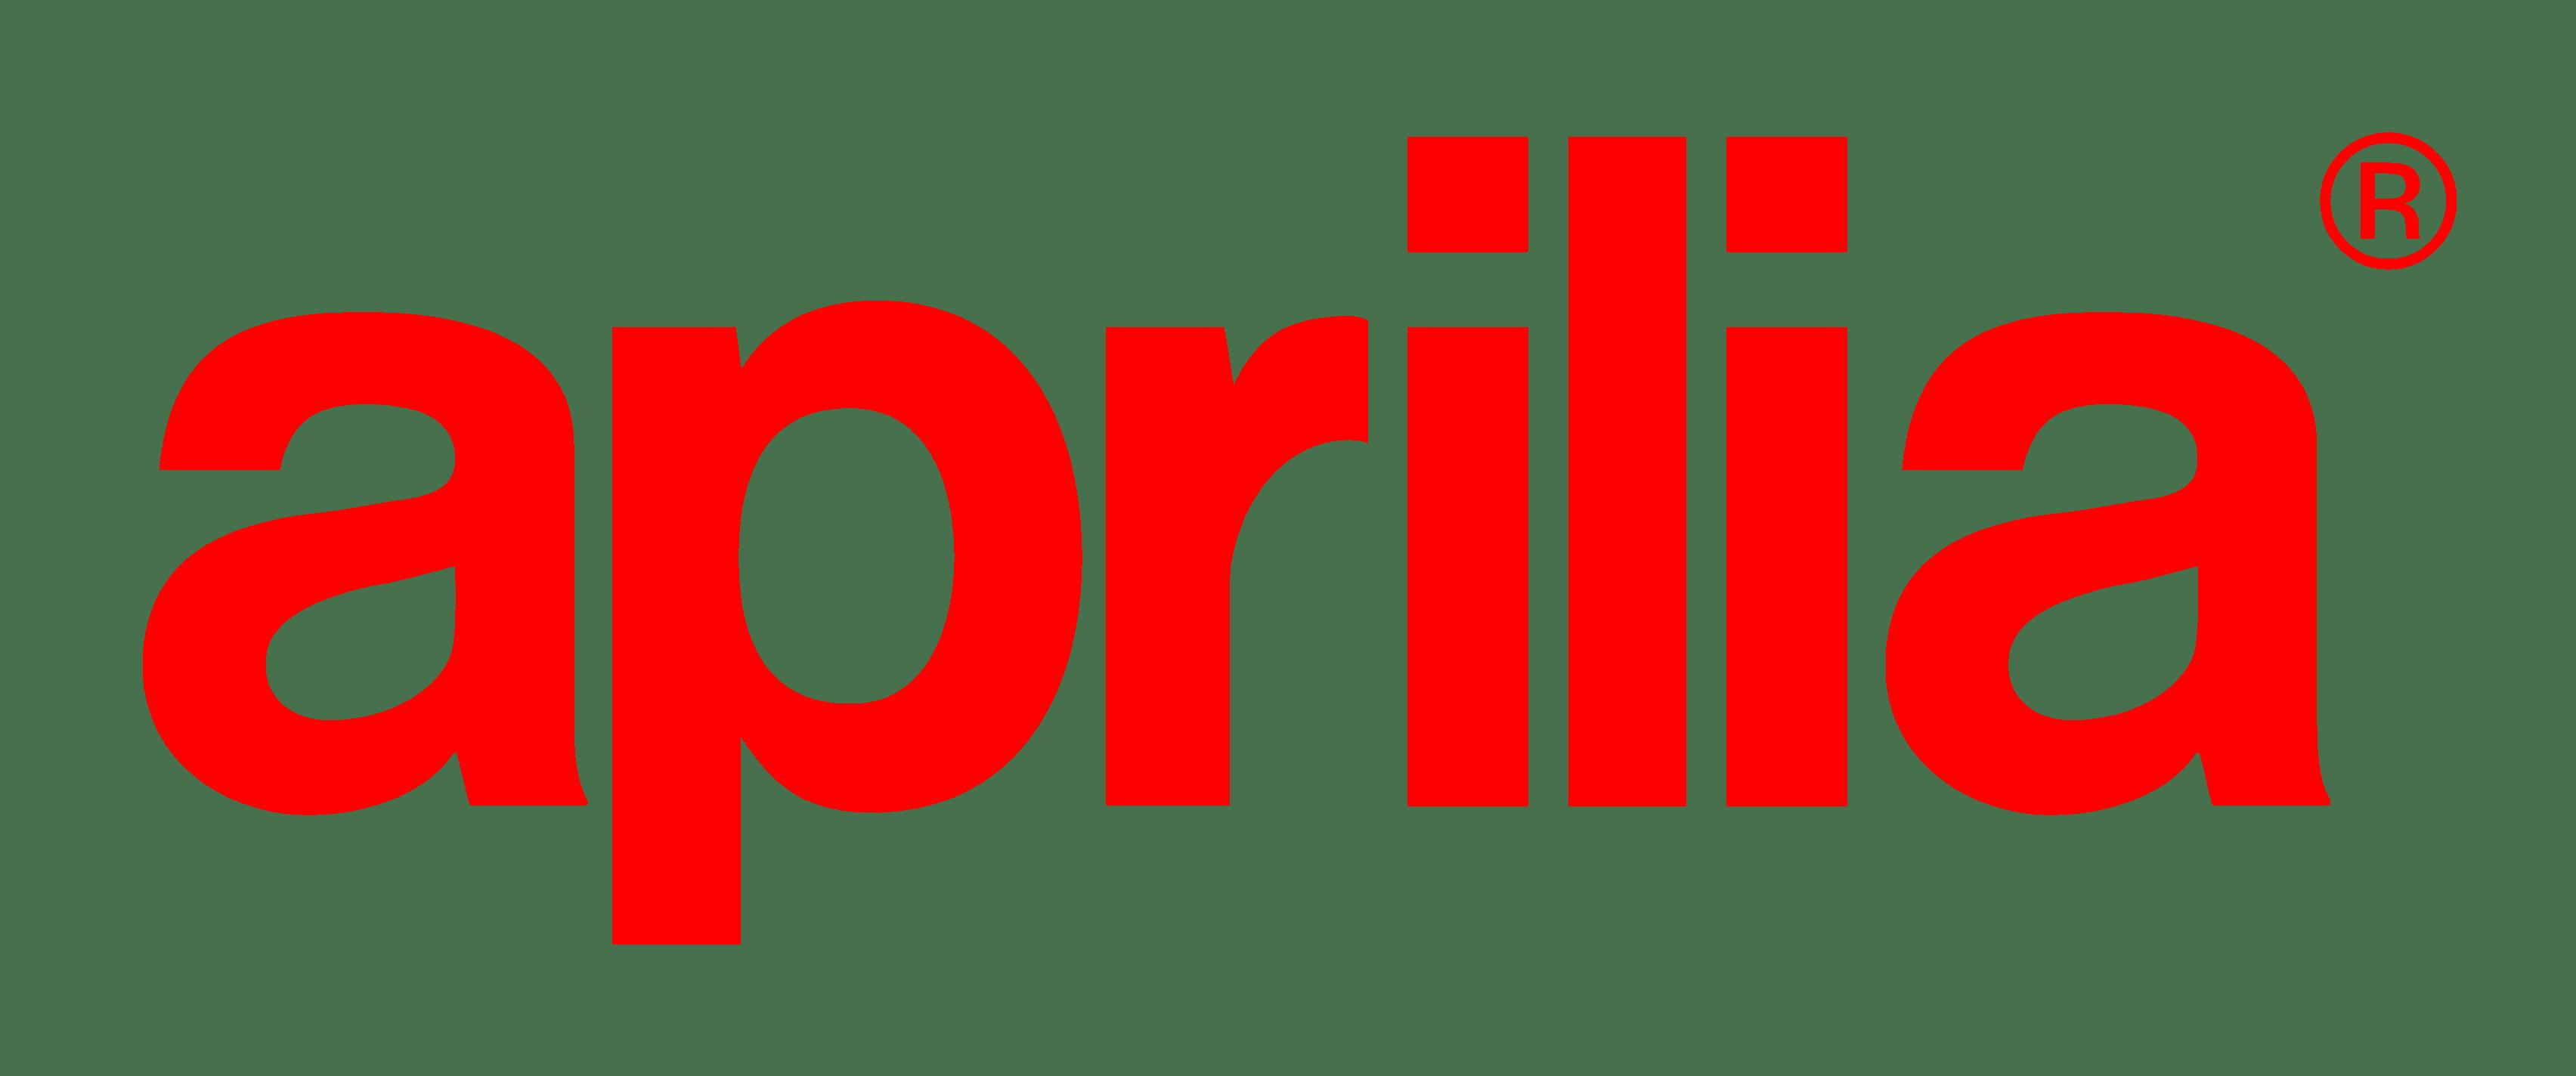 Aprilia_Sport.eps (26,46kB): logotipo Aprilia logotipo Aprilia - Aprilia Motor Vector PNG